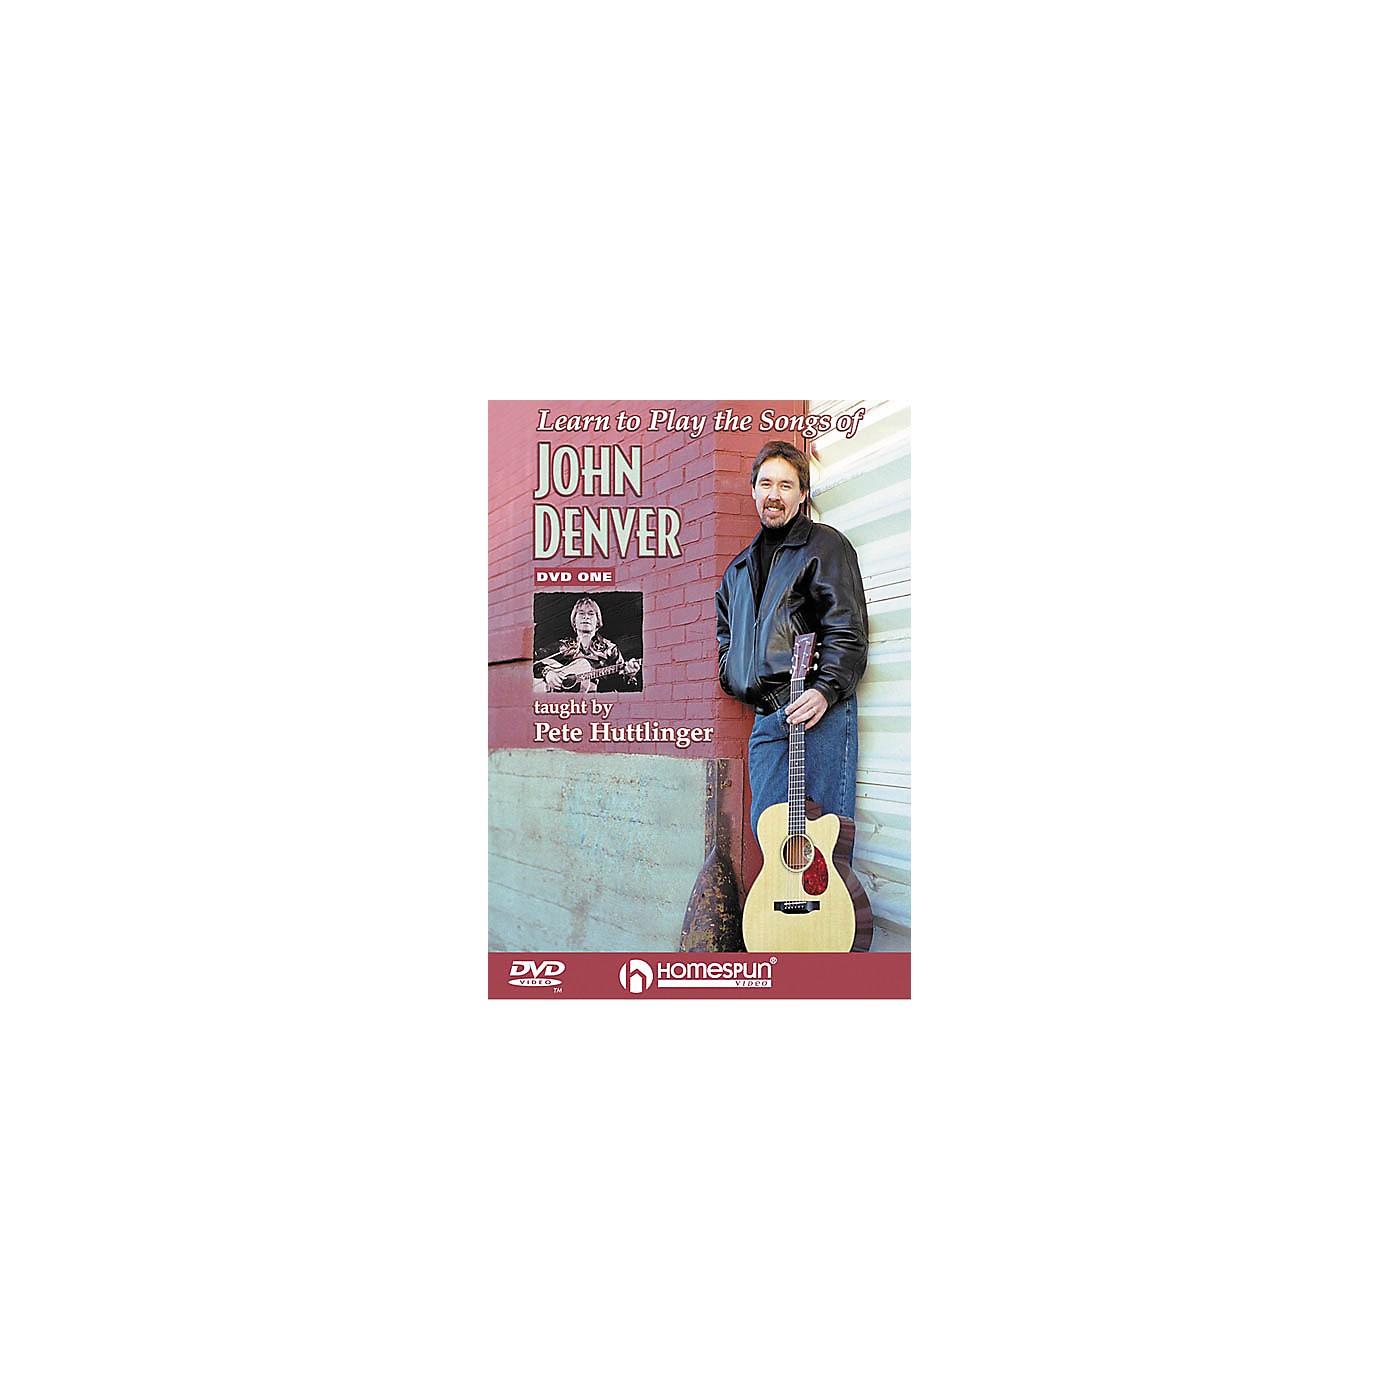 Homespun Learn to Play the Songs of John Denver - Level 2 (DVD) thumbnail